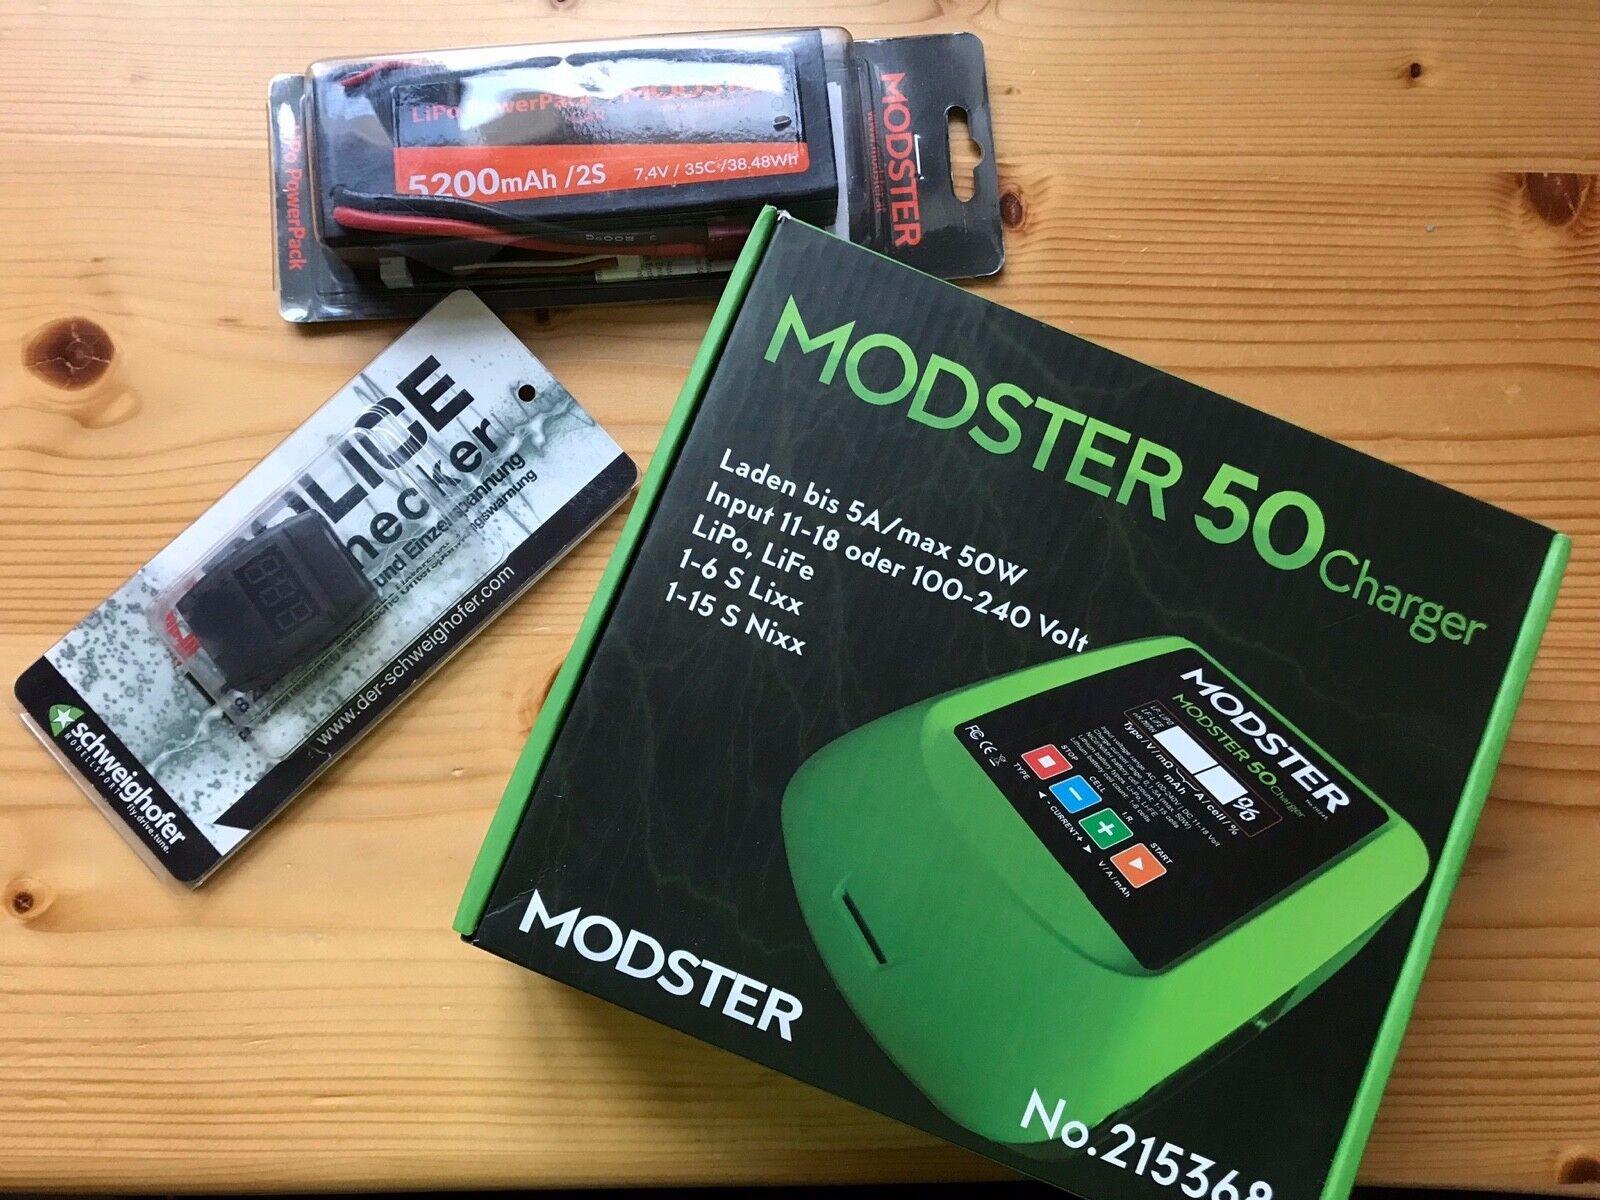 Cargador de modelismo + batería ac dc modster Charger 50 + batería Power Pack 5200 mah 2s